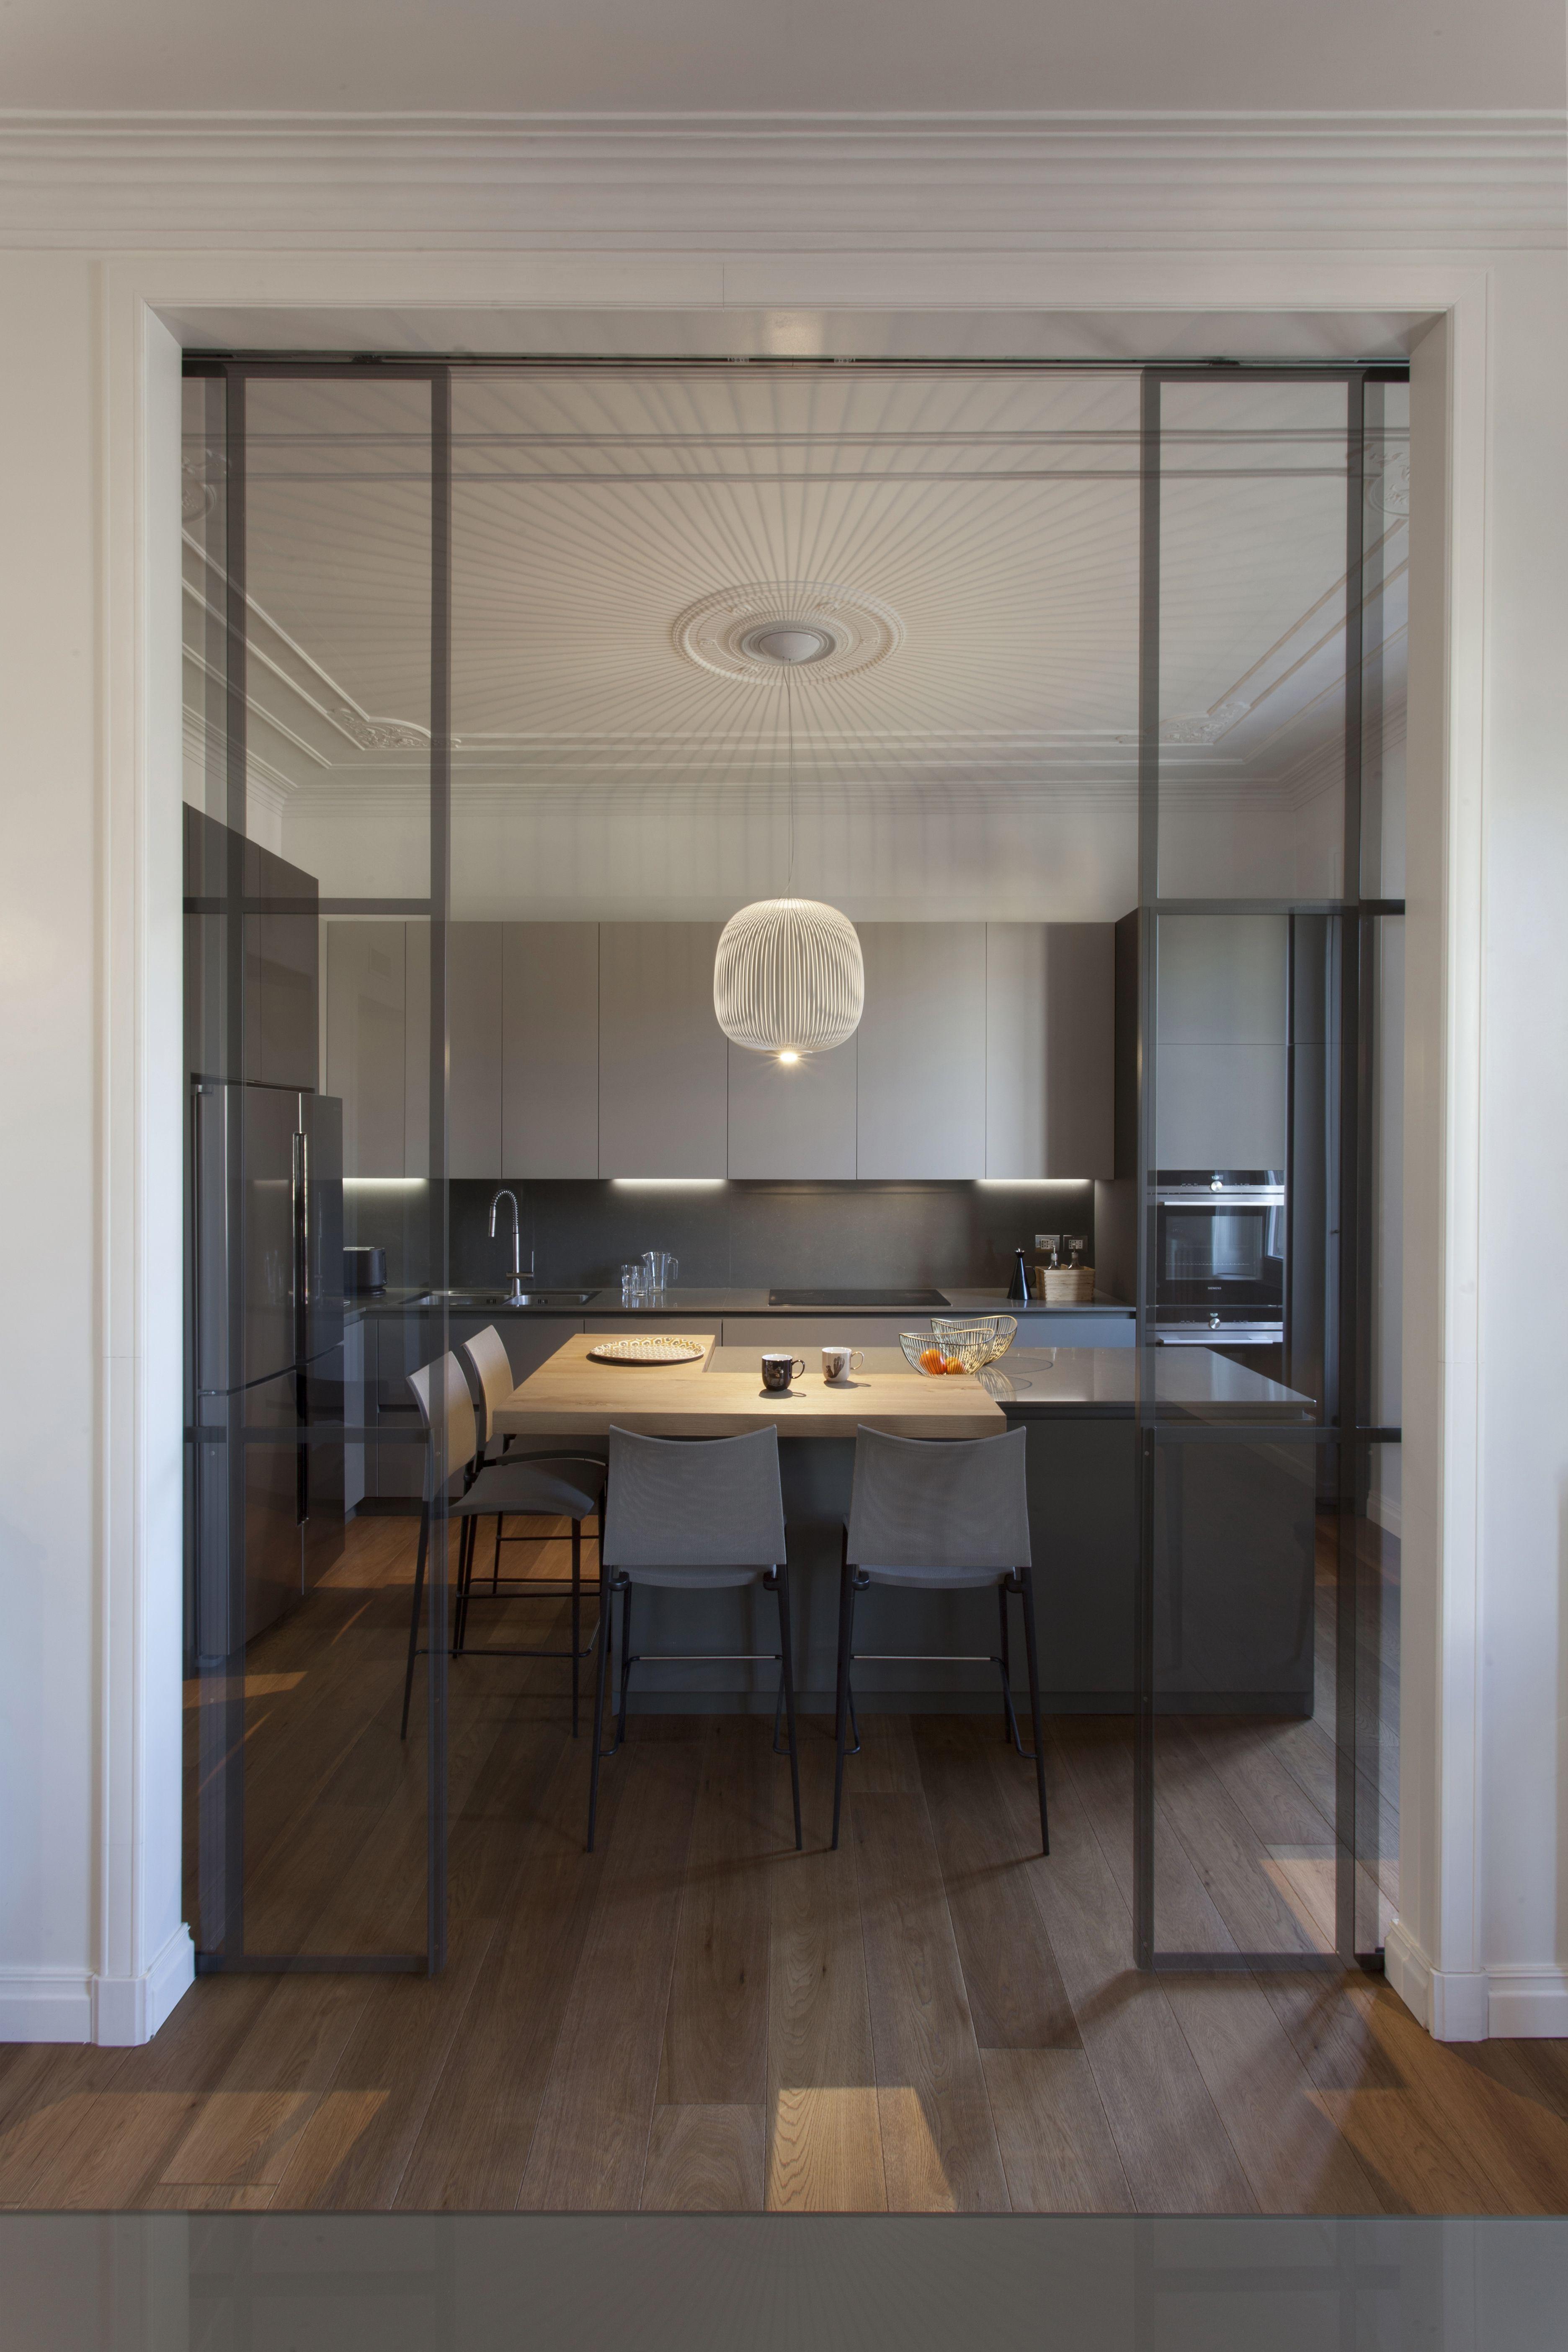 Cucina Con Isola Illuminazione Dettagli Interni Arredamento Sala E Cucina Arredo Interni Cucina Arredamento Moderno Cucina